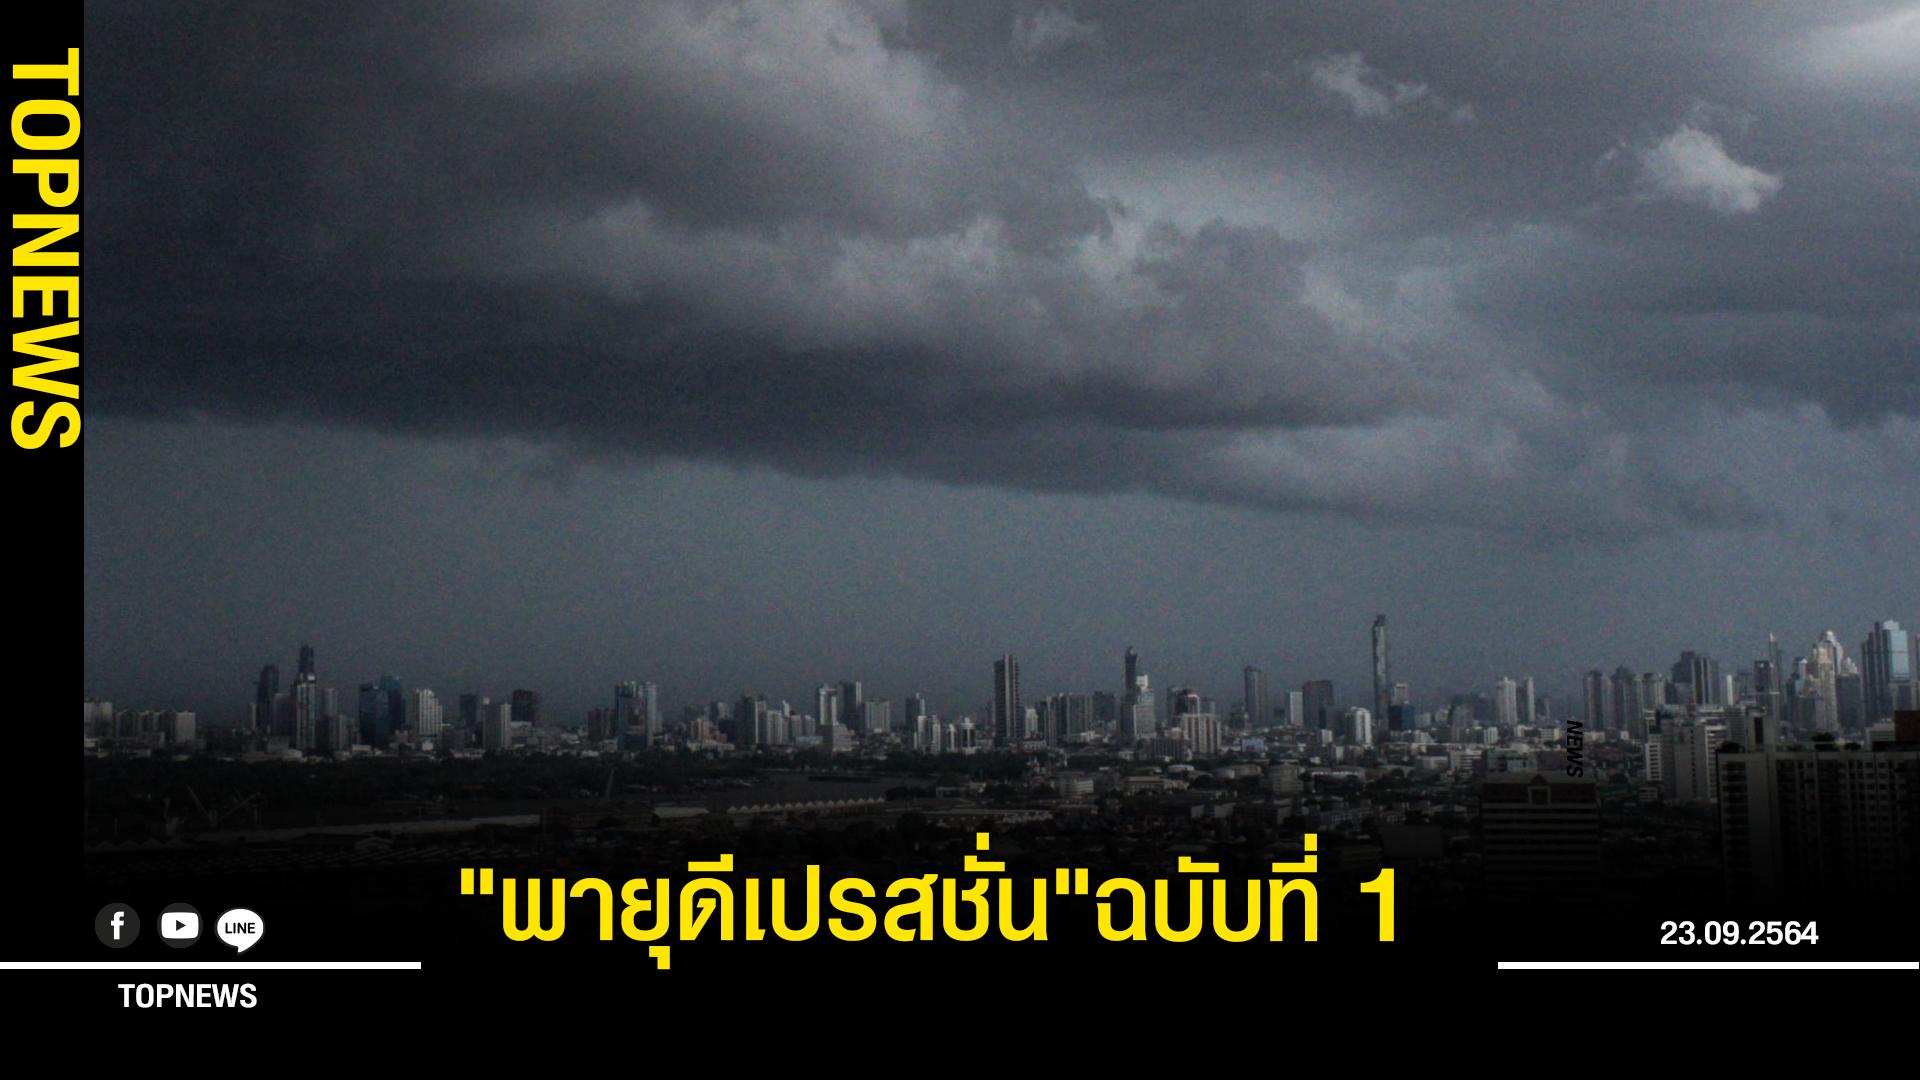 """อุตุฯ ประกาศเตือน""""พายุดีเปรสชั่น""""ฉบับที่ 1 เตรียมรับมือ น้ำท่วมฉับพลัน"""